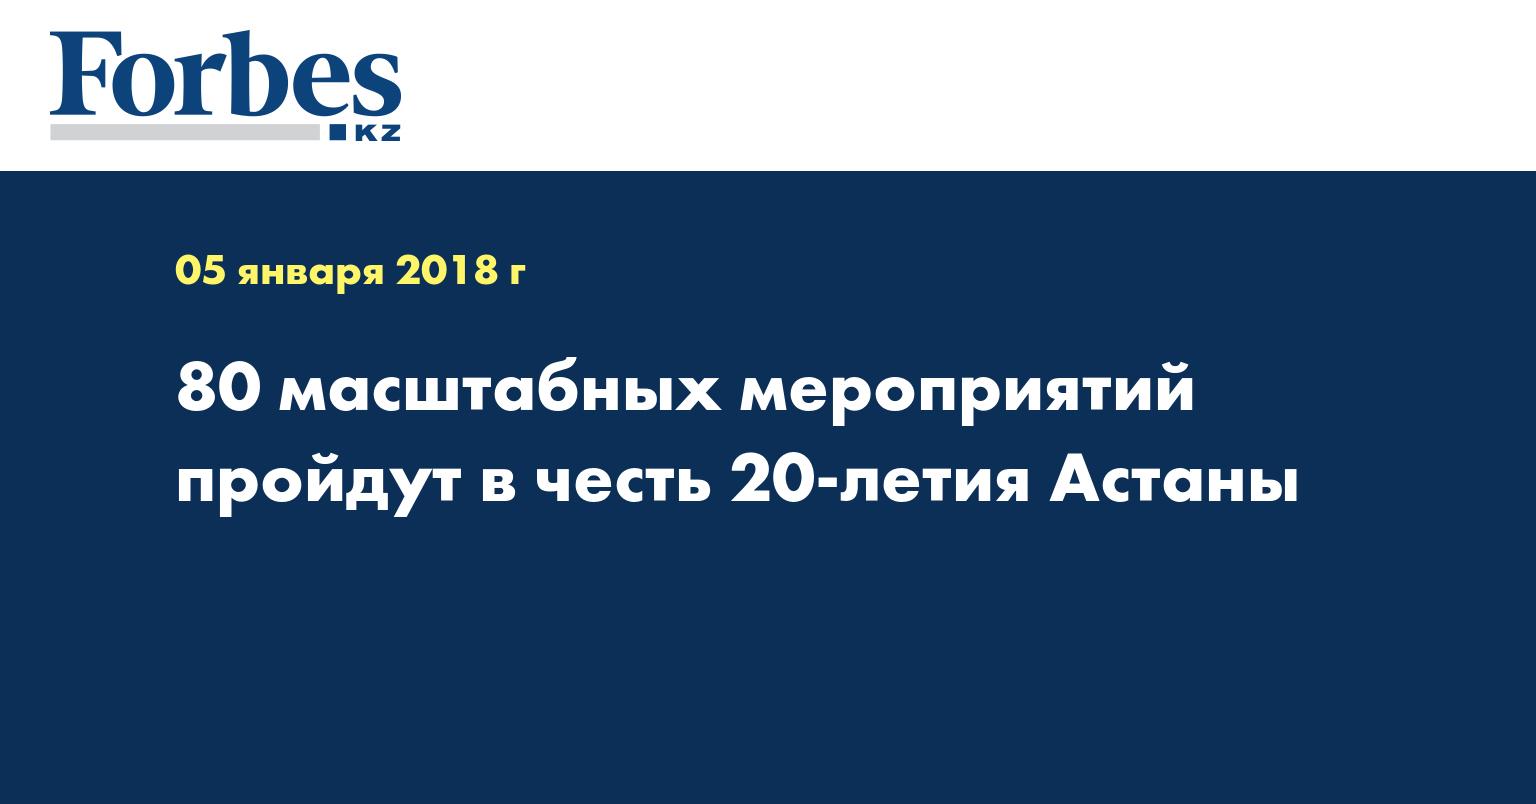 80 масштабных мероприятий пройдут в честь 20-летия Астаны